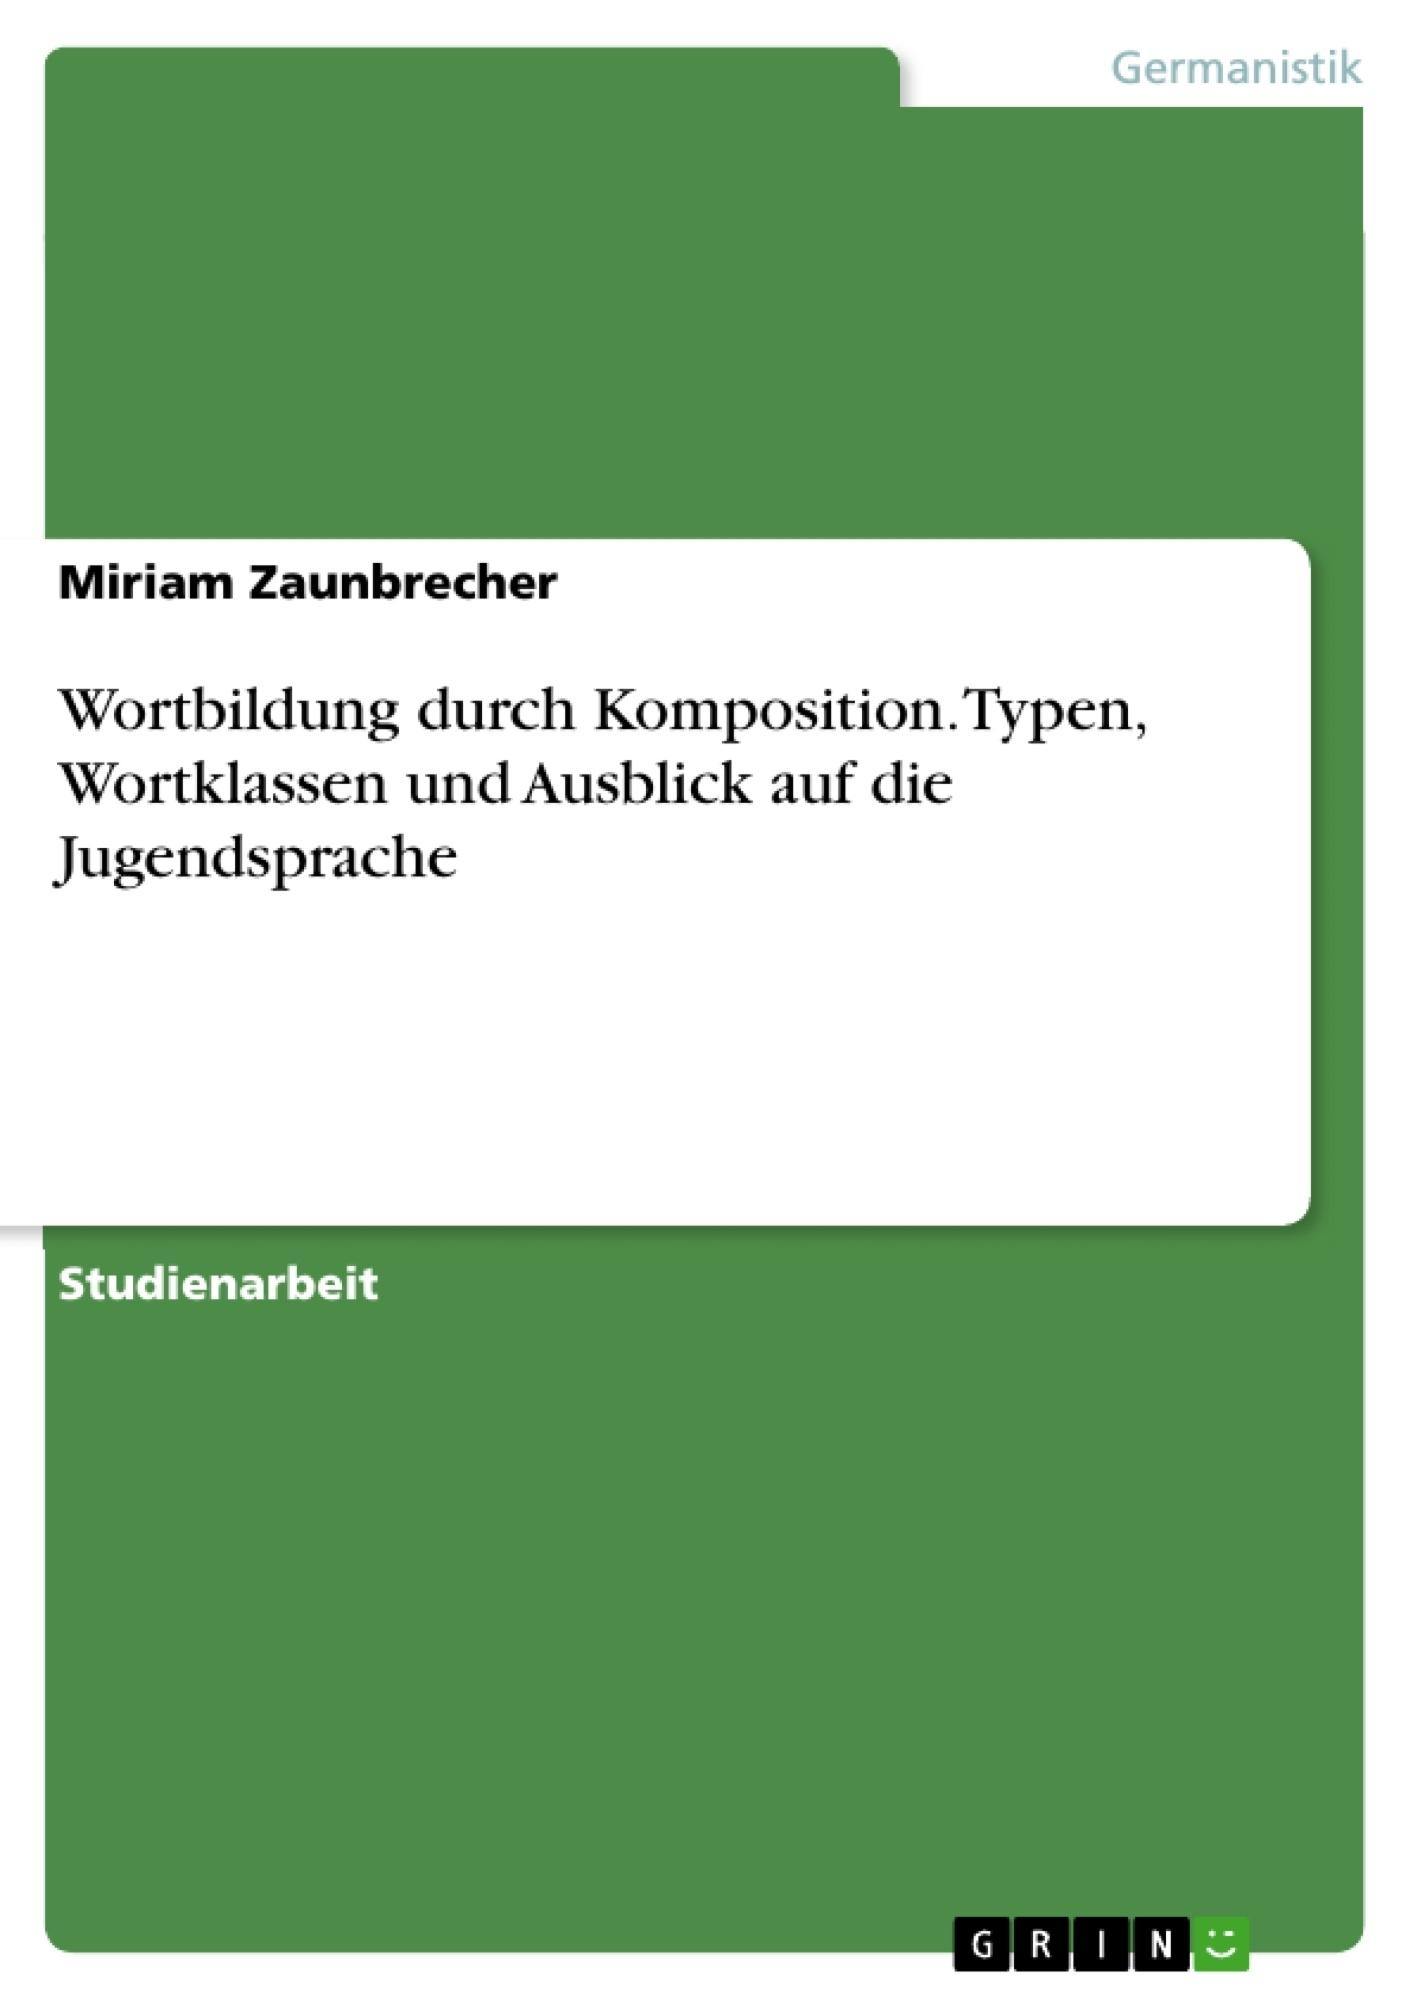 Titel: Wortbildung durch Komposition. Typen, Wortklassen und Ausblick auf die Jugendsprache